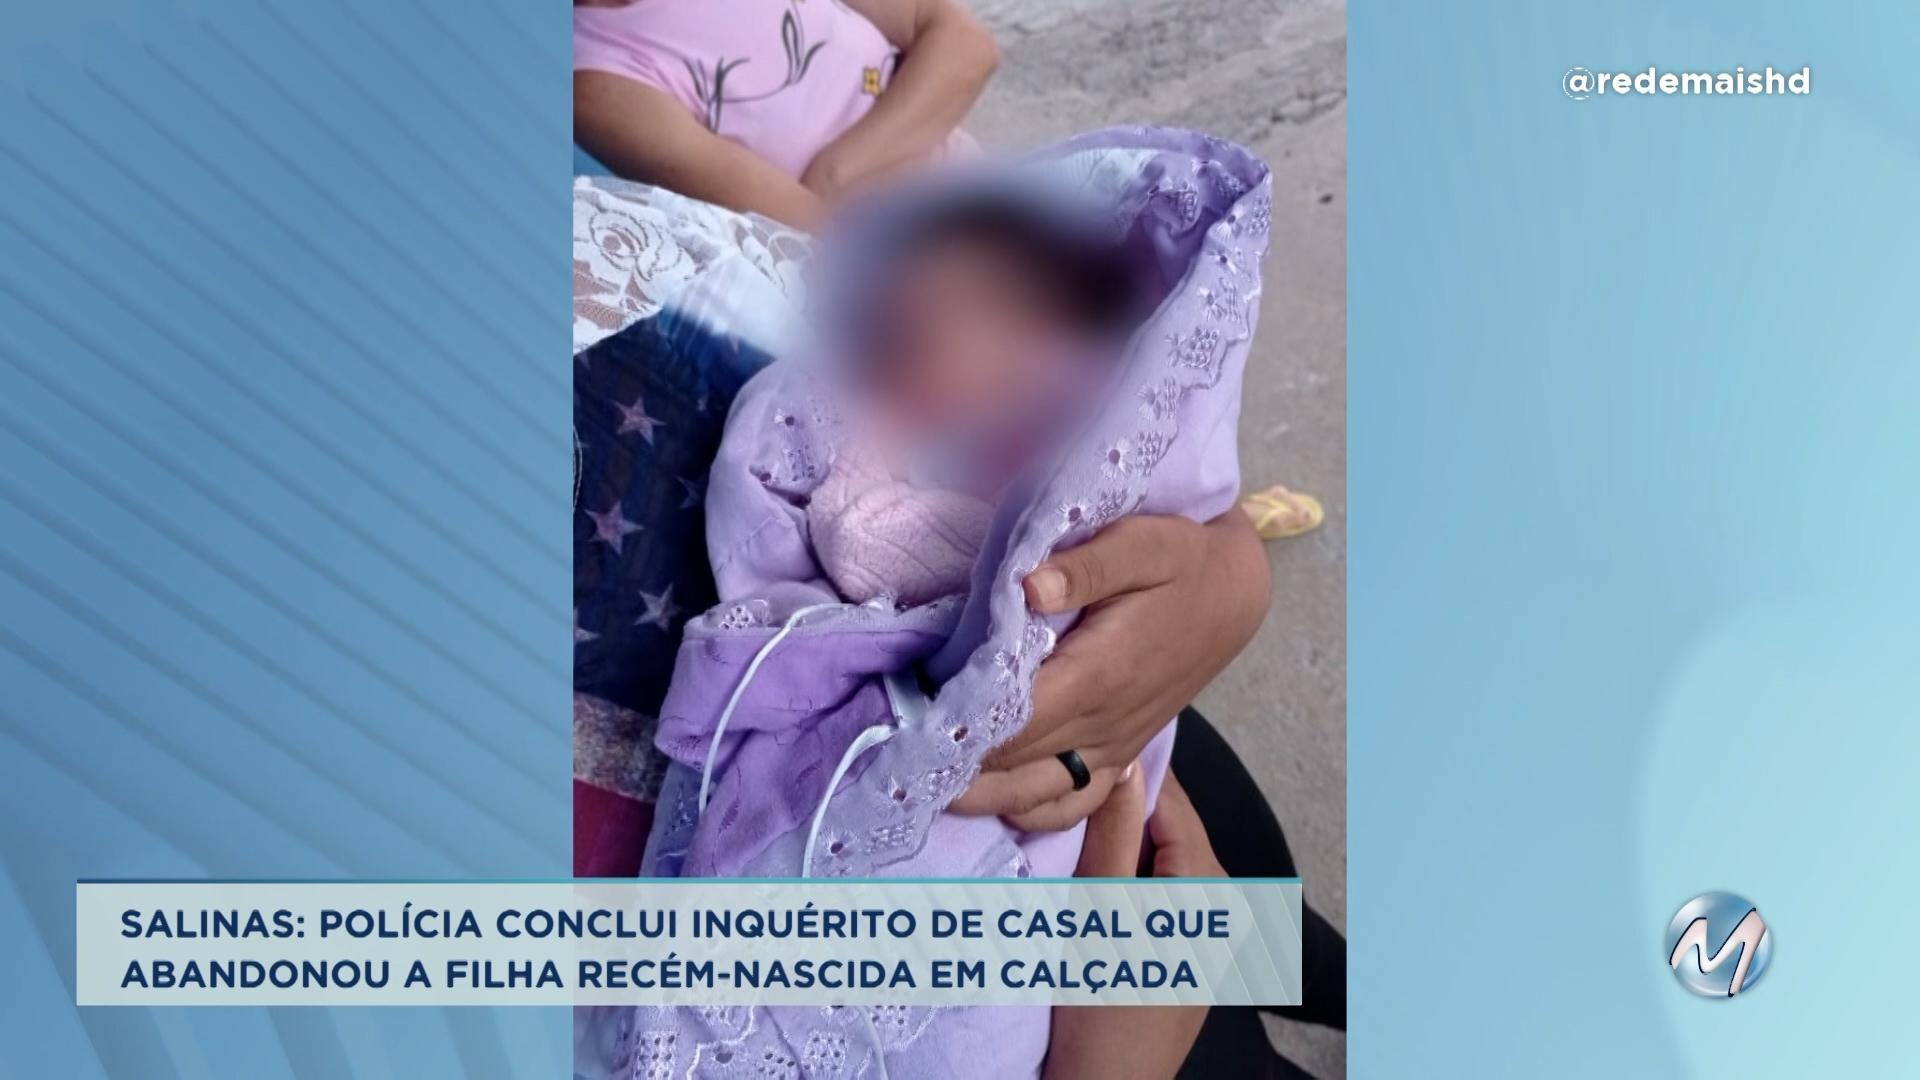 Salinas: polícia conclui inquérito de casal que abandonou filha recém-nascida em calçada